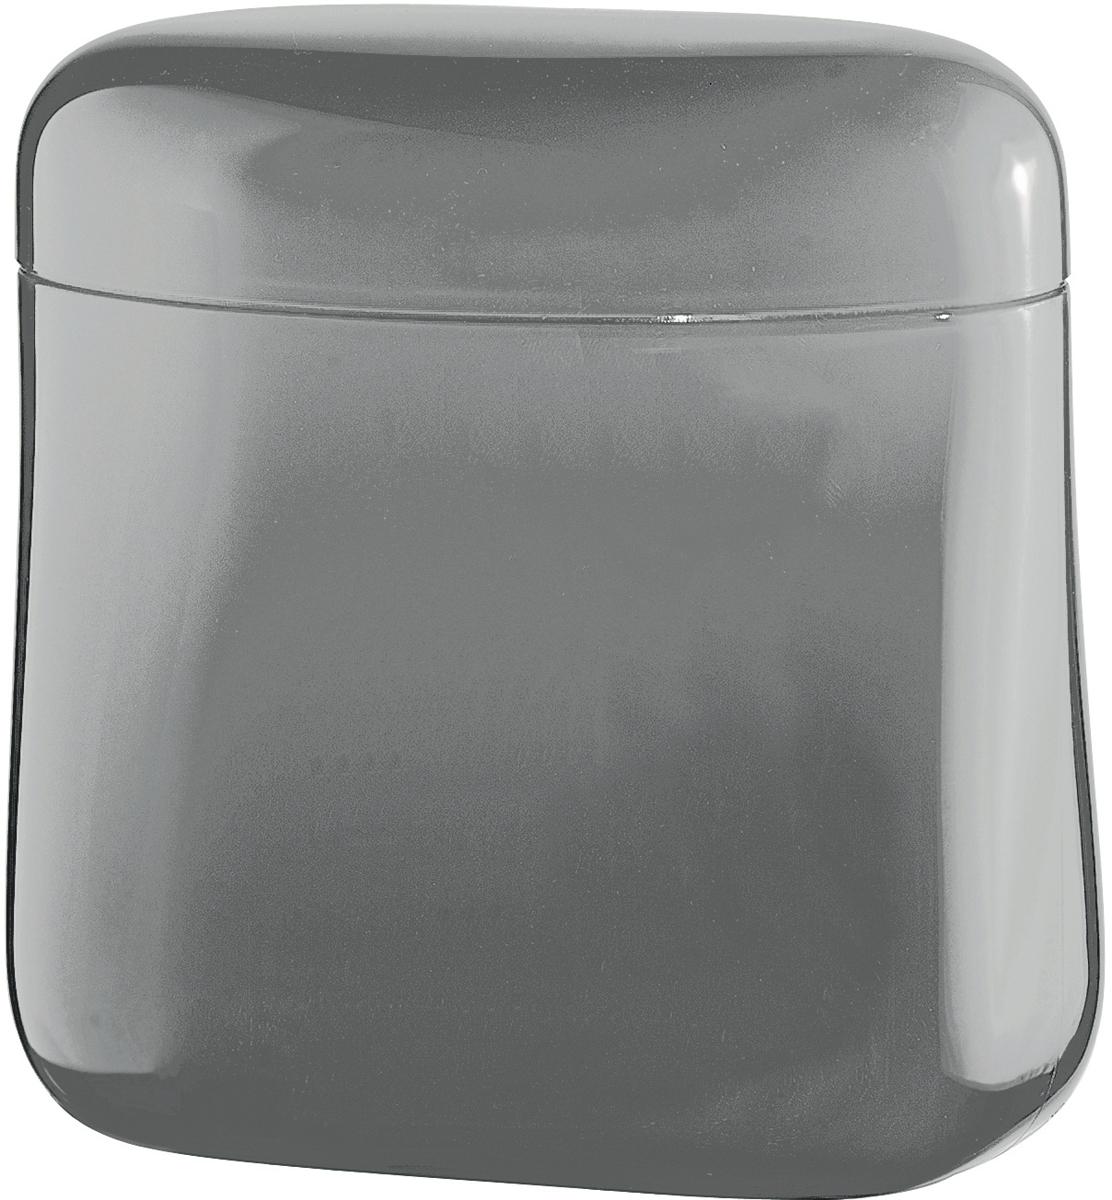 """Банка Guzzini """"Gocce"""" создана специально для длительного хранения кофе. Она изготовлена из органического стекла со светонепроницаемым покрытием для защиты от преждевременного разрушения. Крышка банки плотно закрывается, что позволит надолго сохранить вкус и аромат кофе.   Благодаря своей компактности, емкость не займет много места в шкафу и идеально поместится в дверце холодильника. При желании ее можно использовать для хранения не только кофе, но и других сыпучих продуктов.  Пригодна для мытья в посудомоечной машине."""